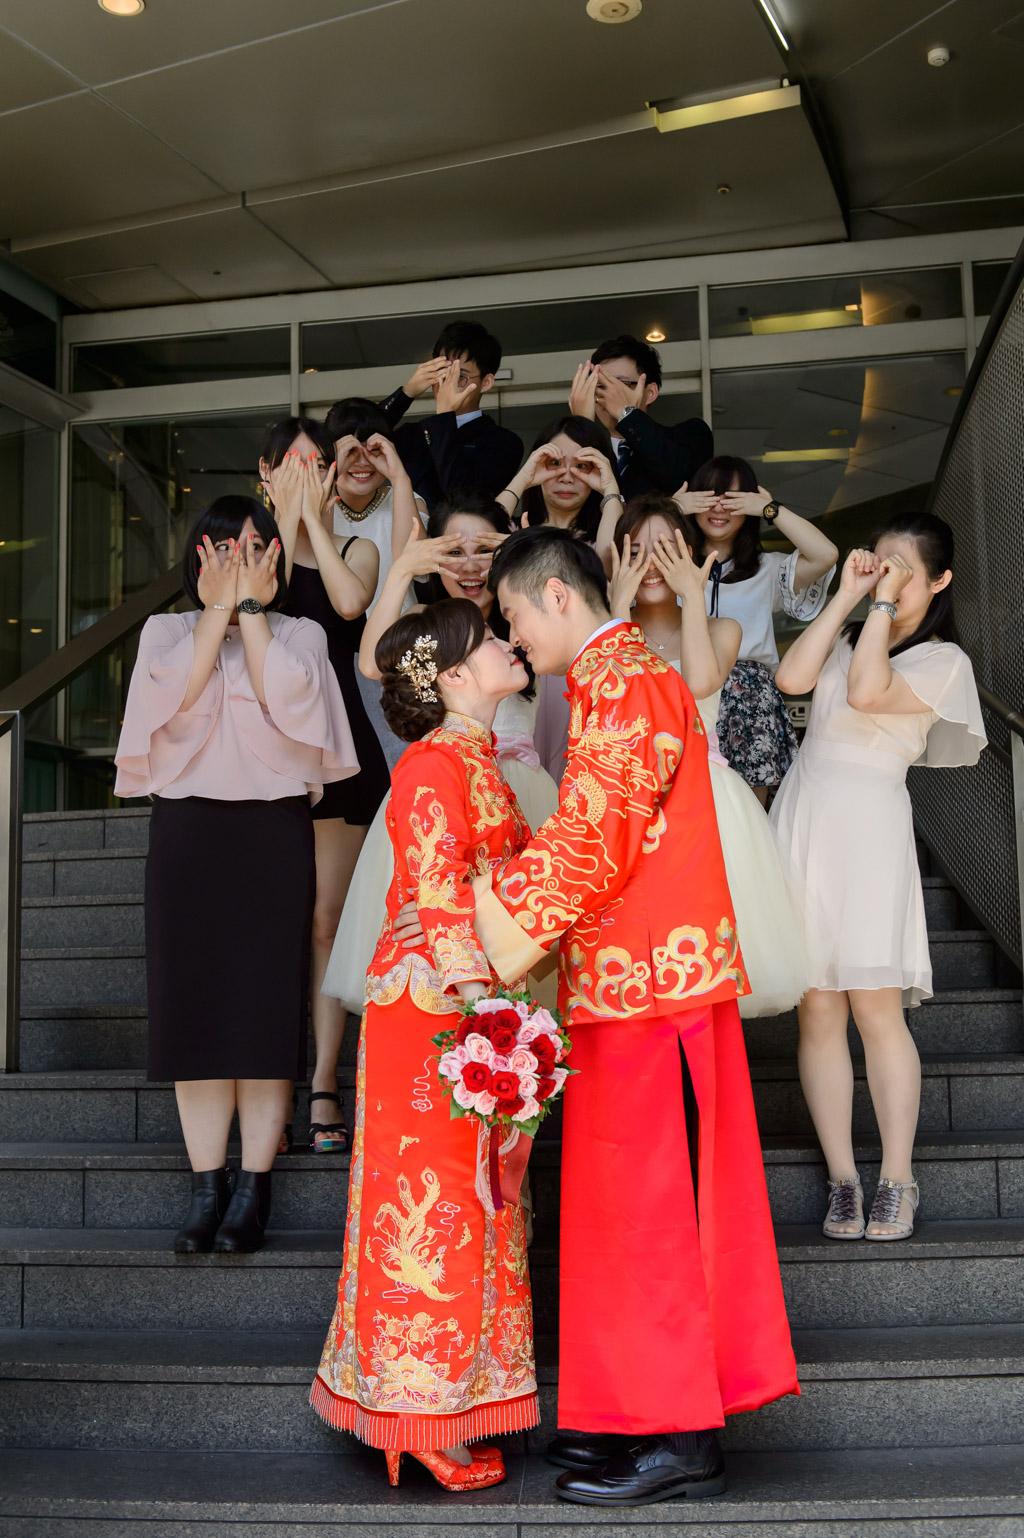 婚攝小勇, 小寶團隊, 台北婚攝, 中崙華漾, 中崙華漾婚宴, 中崙華漾婚攝, vivian, wedding day-019